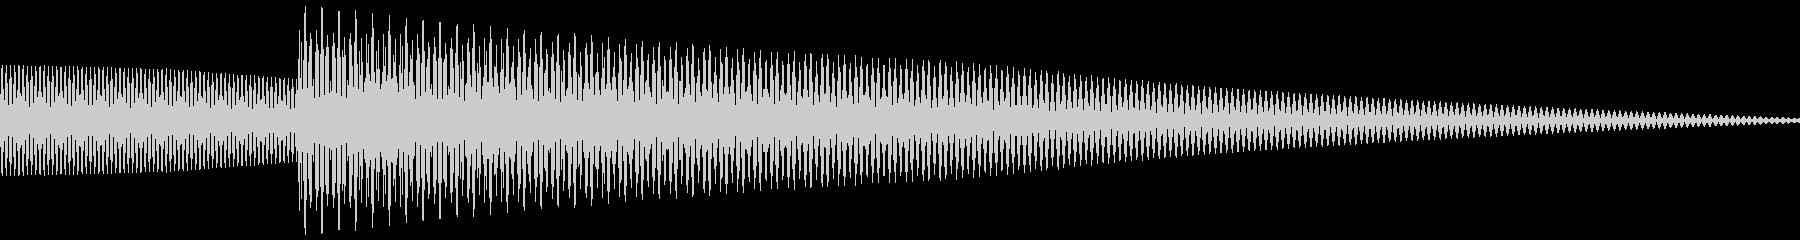 クイズなど回答音、正解音 (ピローン)の未再生の波形